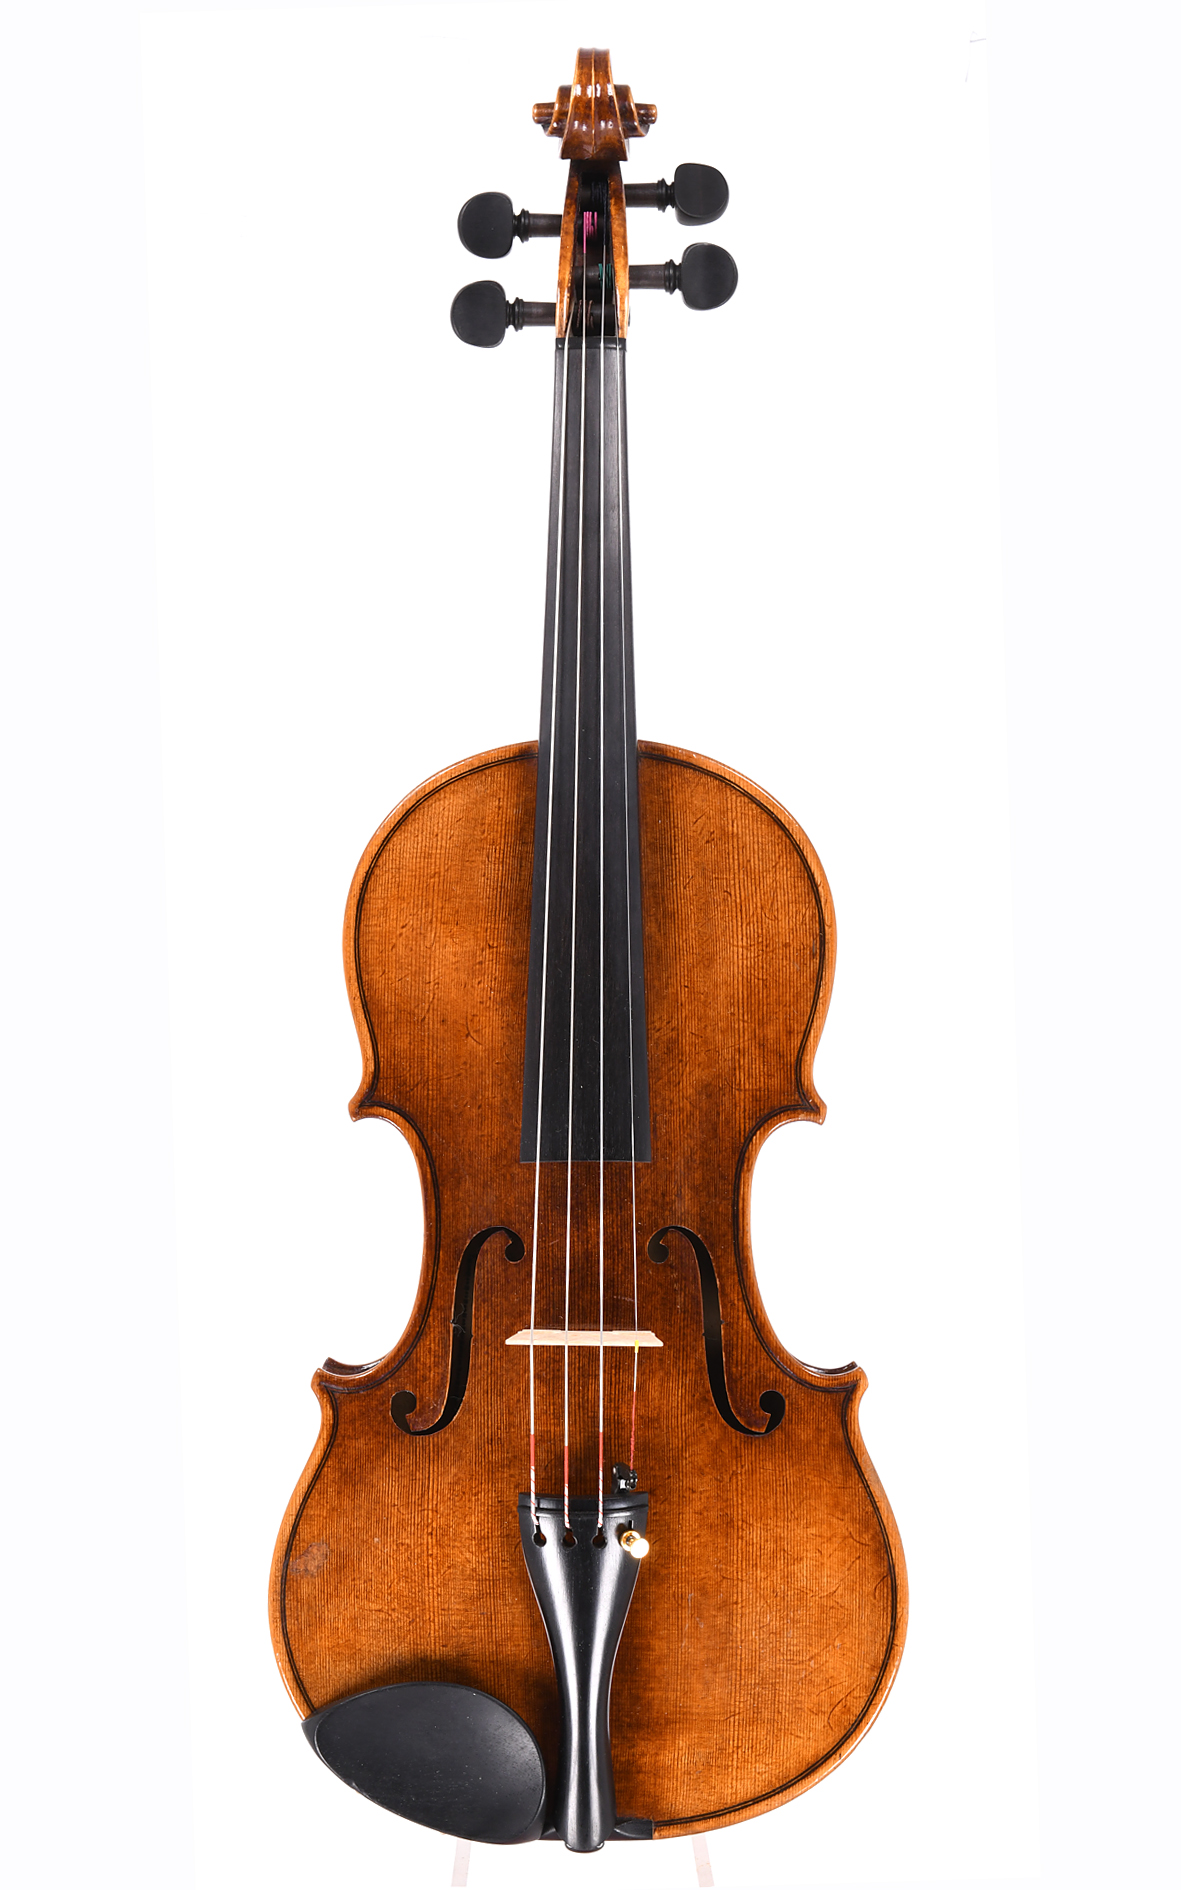 Norddeutsche Violine von Richard Berger, Stralsund 1914